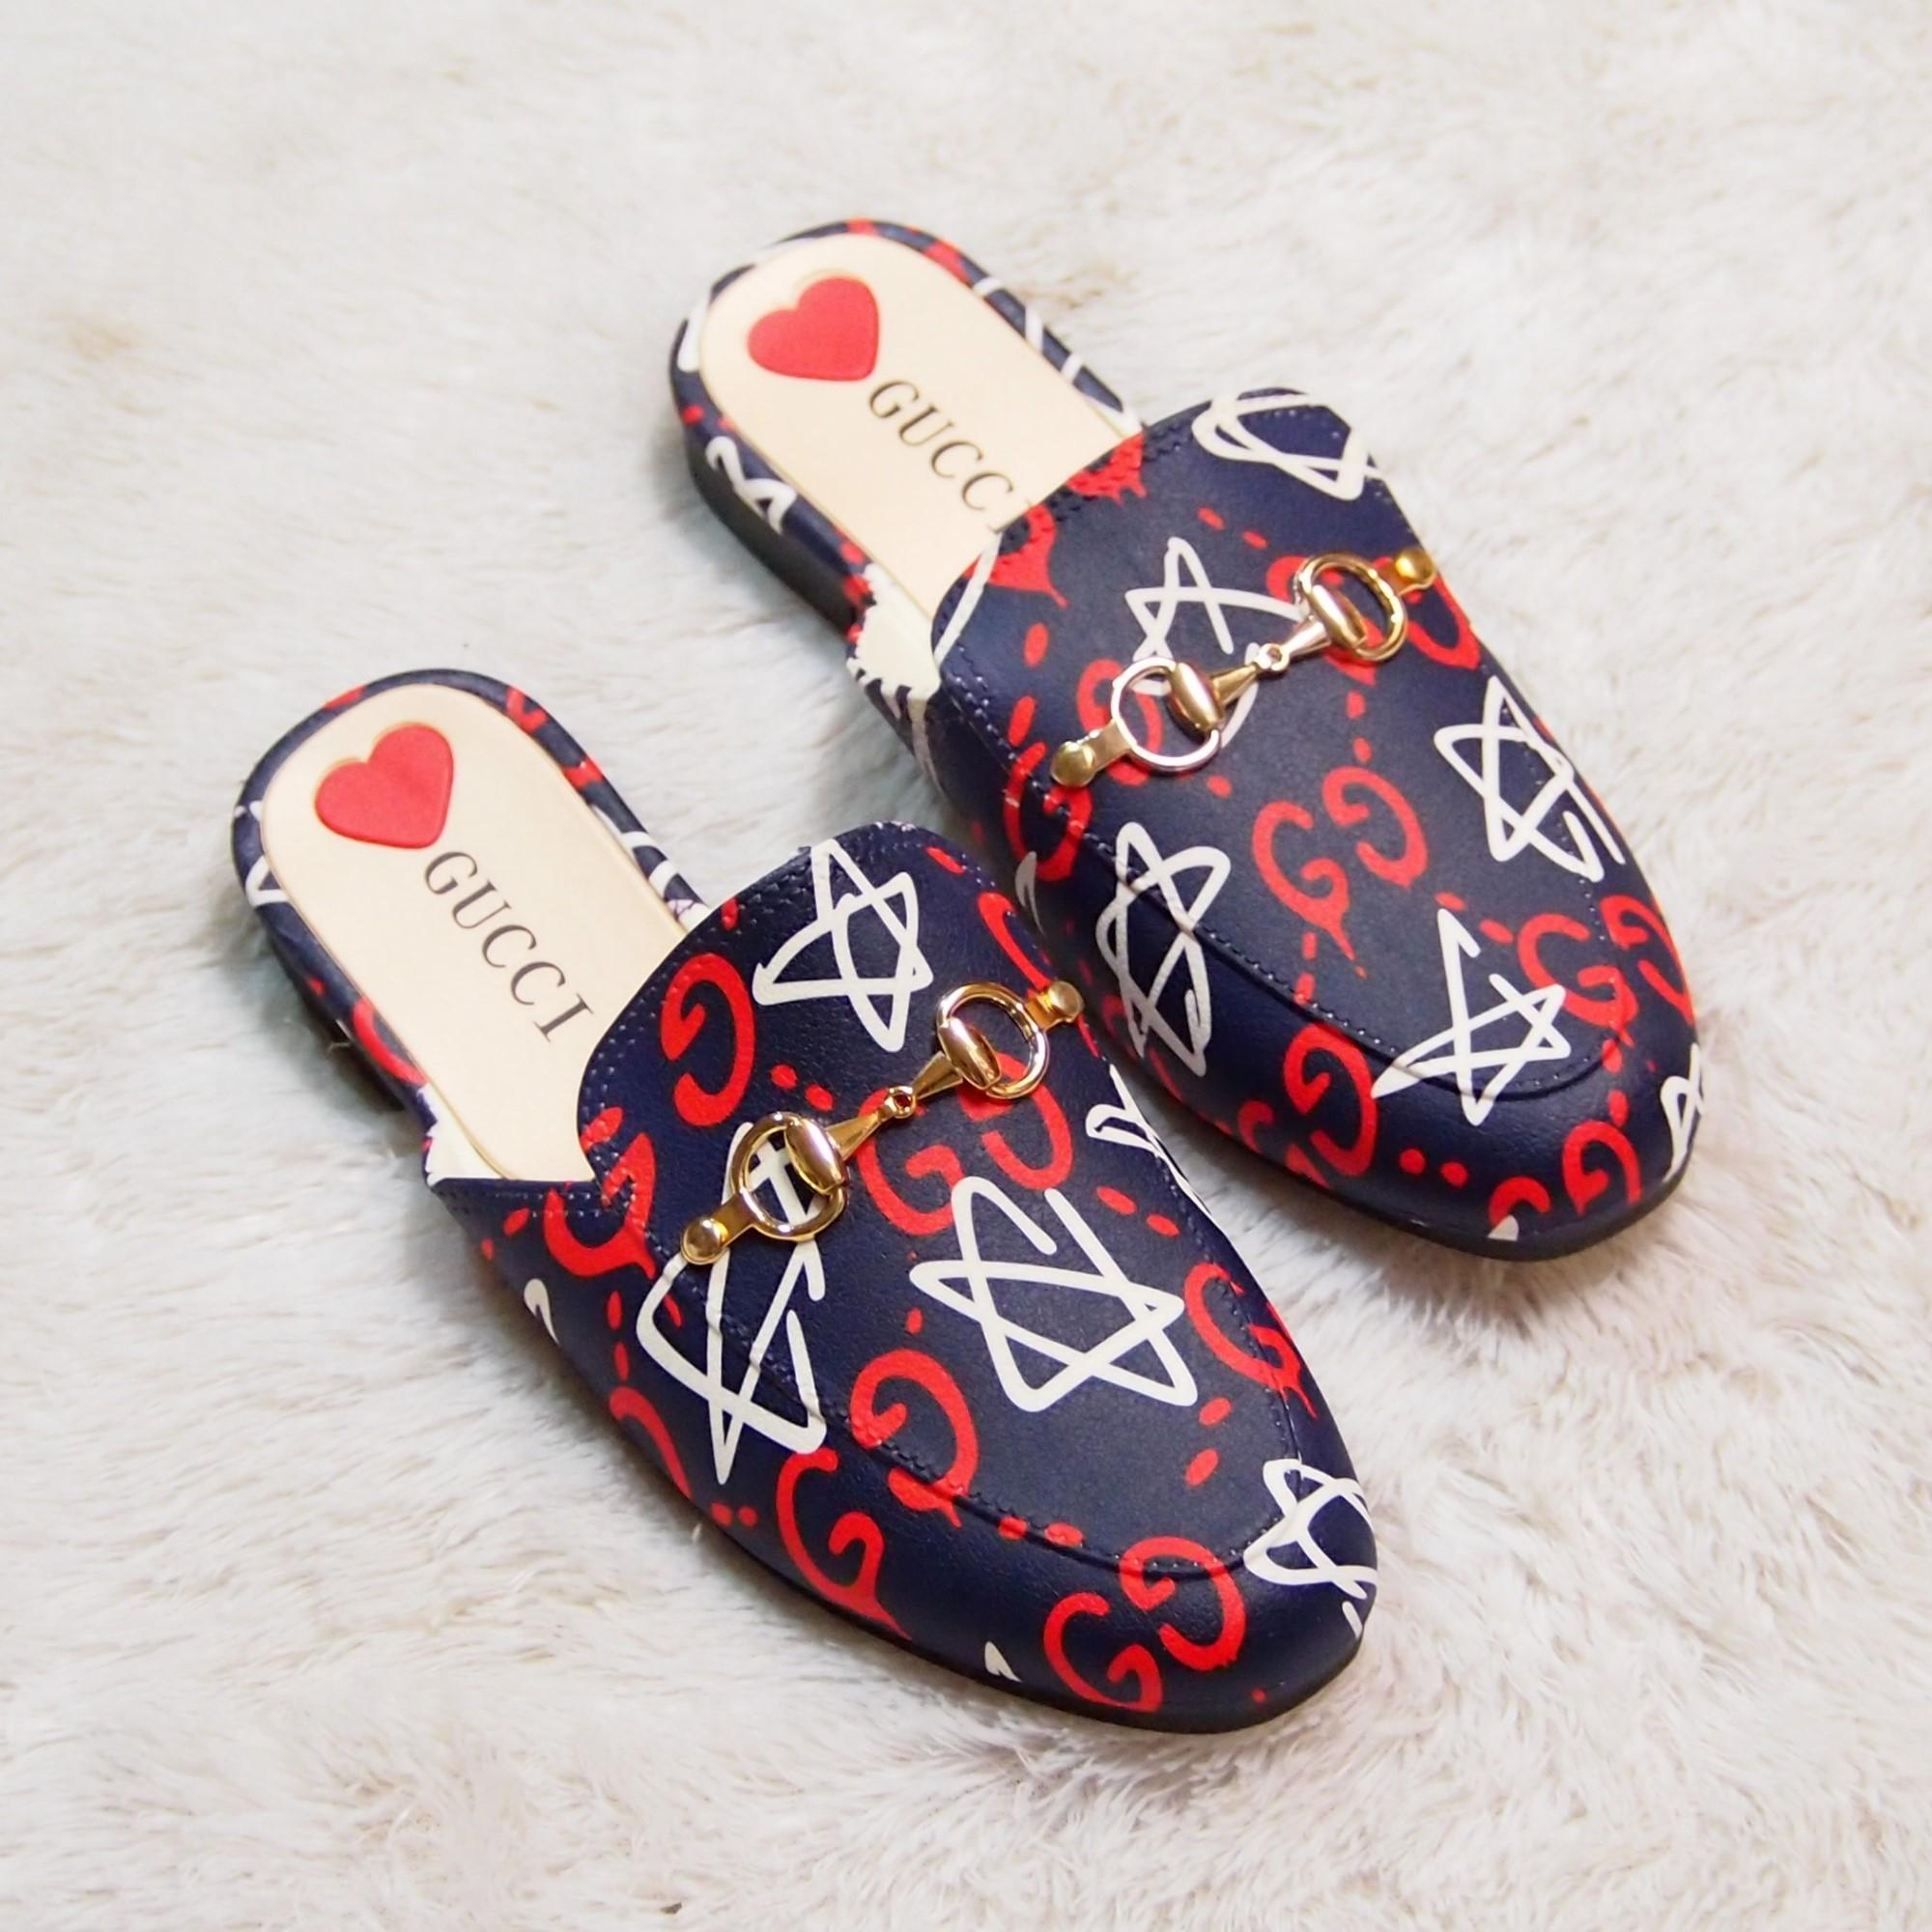 Sandal Jepit Wanita Terbaru Homyped Elegance B 52 Red Merah 39 Selop Jelly Motif Abstrak Cj Csm 1868 New Tidak